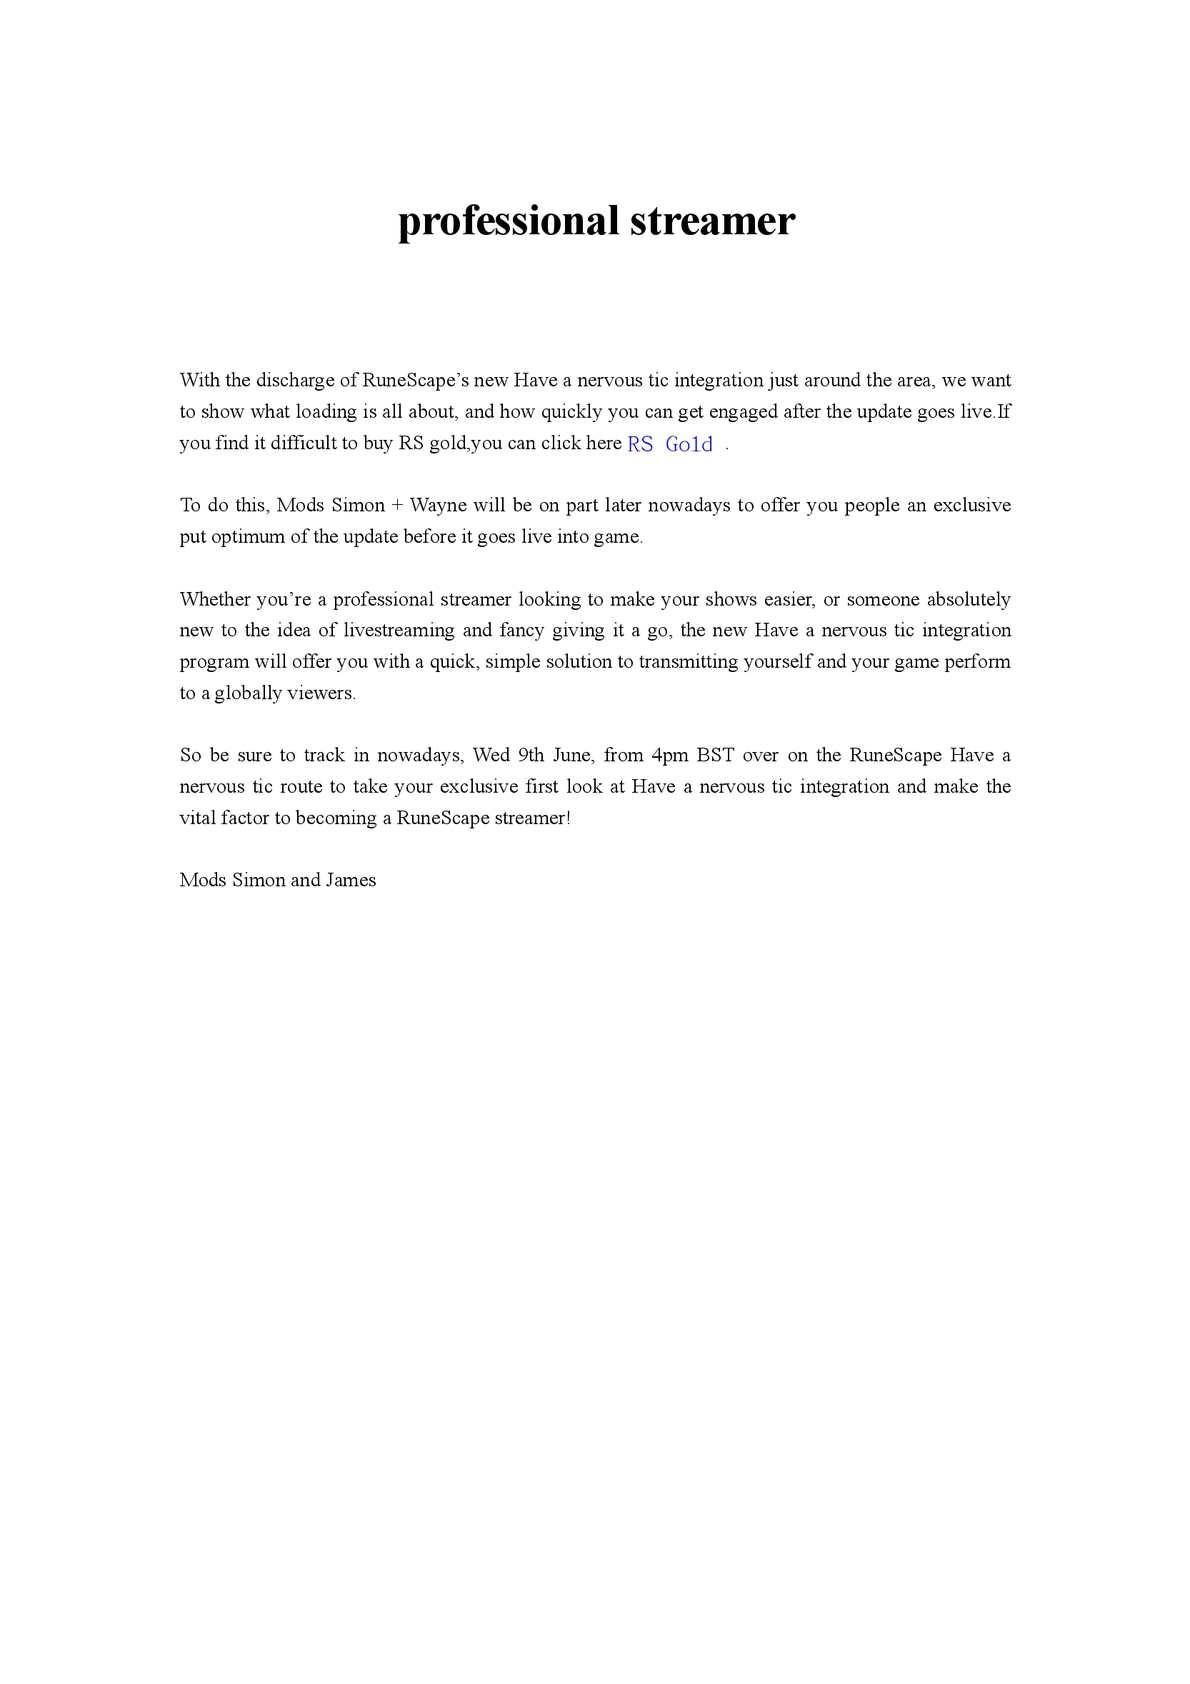 4Pm Bst calaméo - 新建 microsoft word 文档